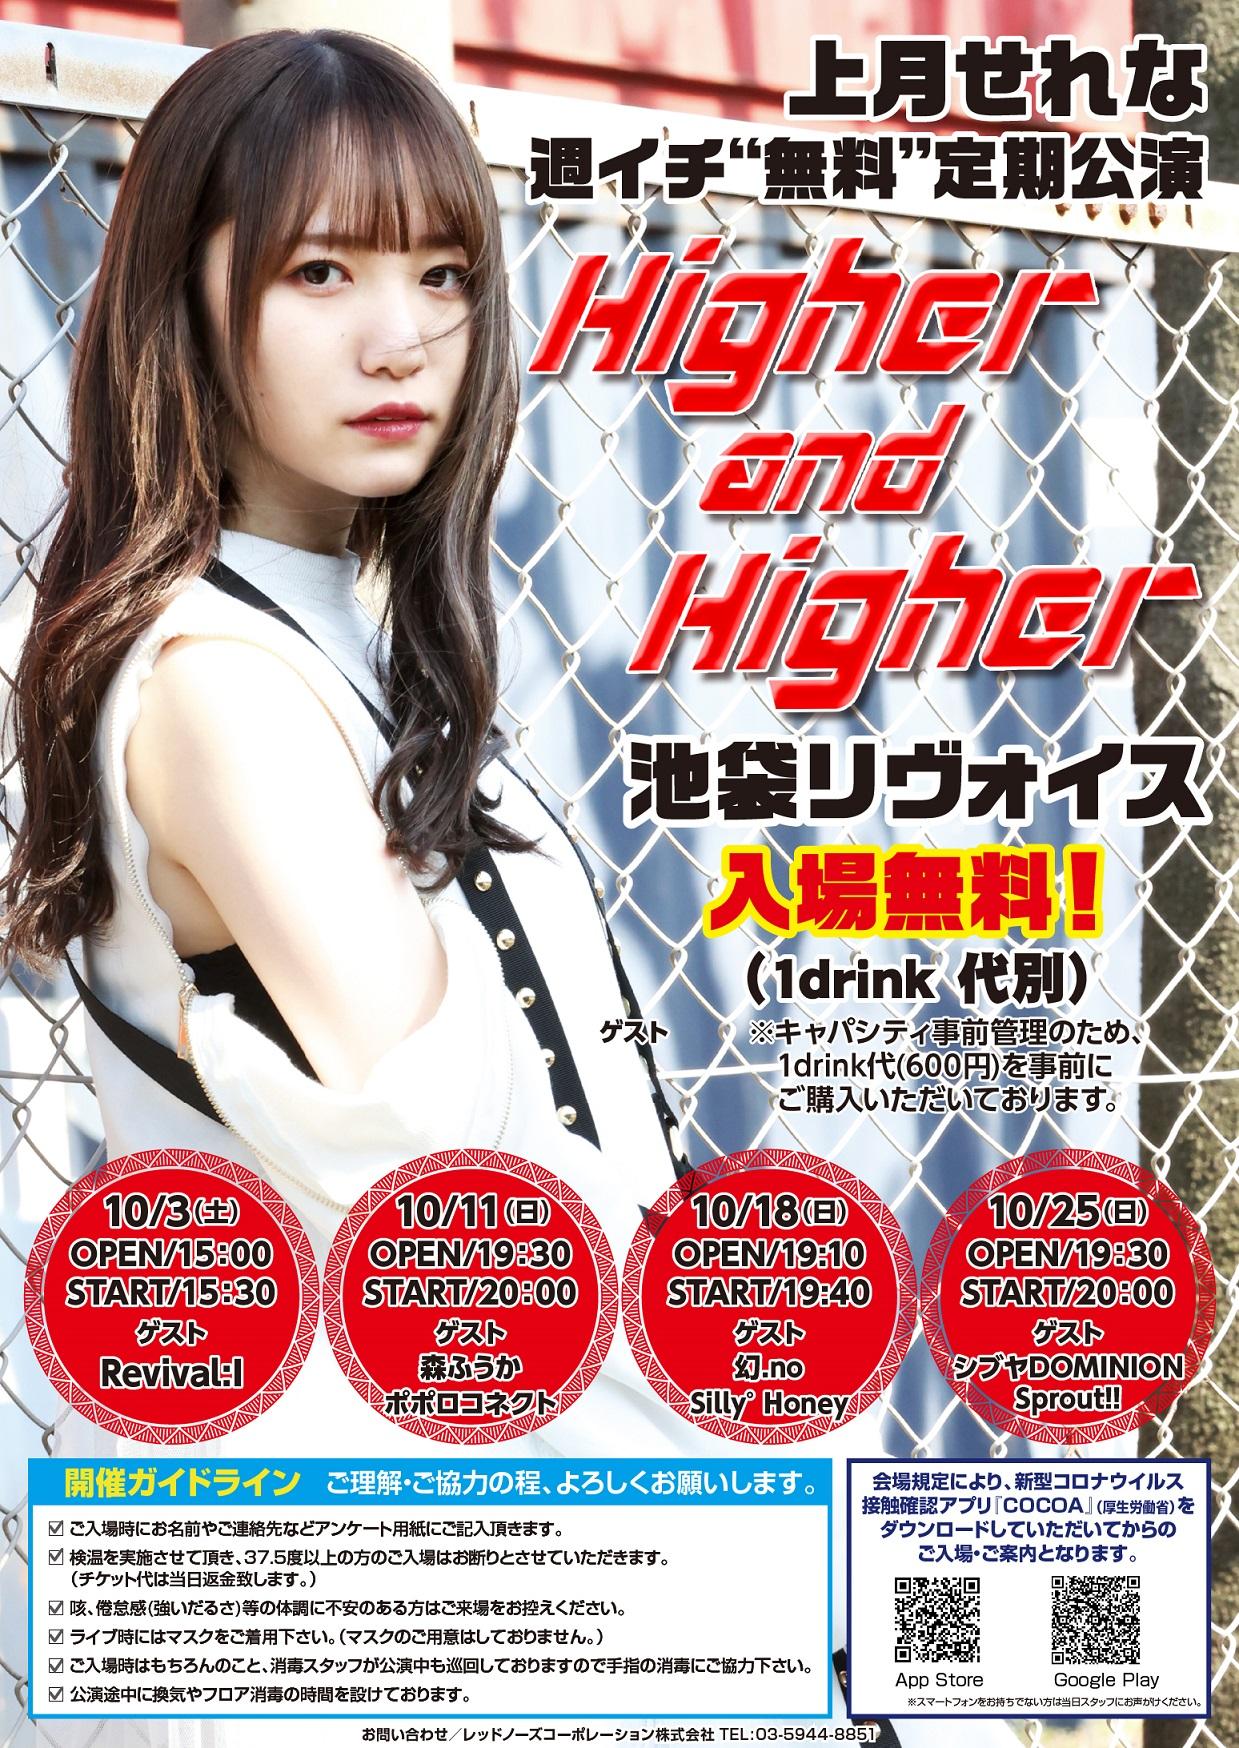 上月せれな週イチ無料定期公演「Higher and Higher」